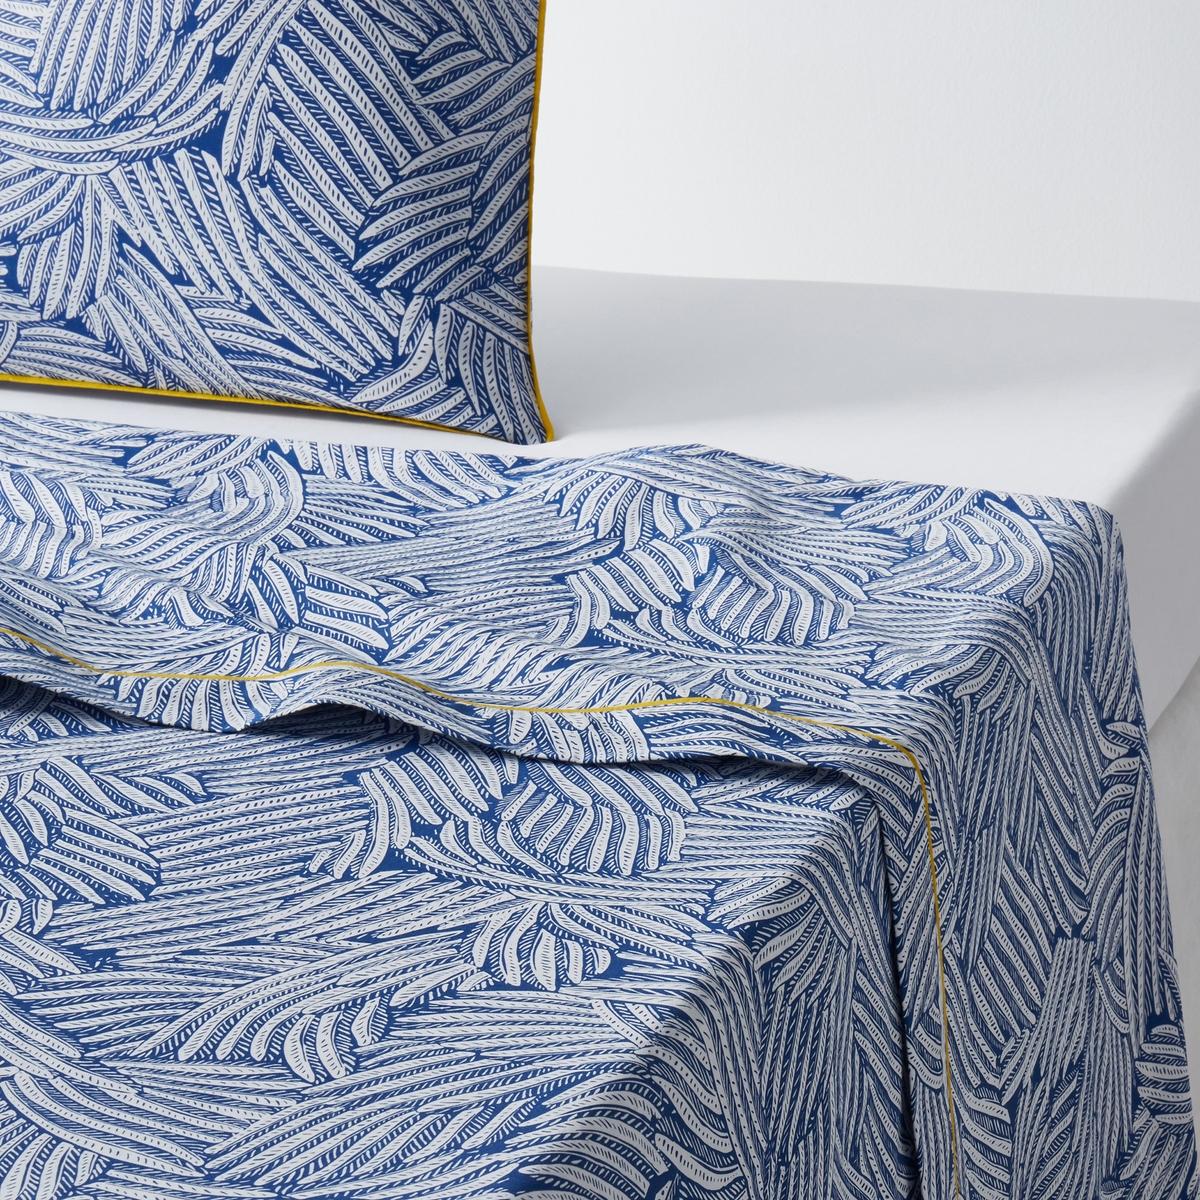 Простыня гладкая с рисунком, Mistral Bleu